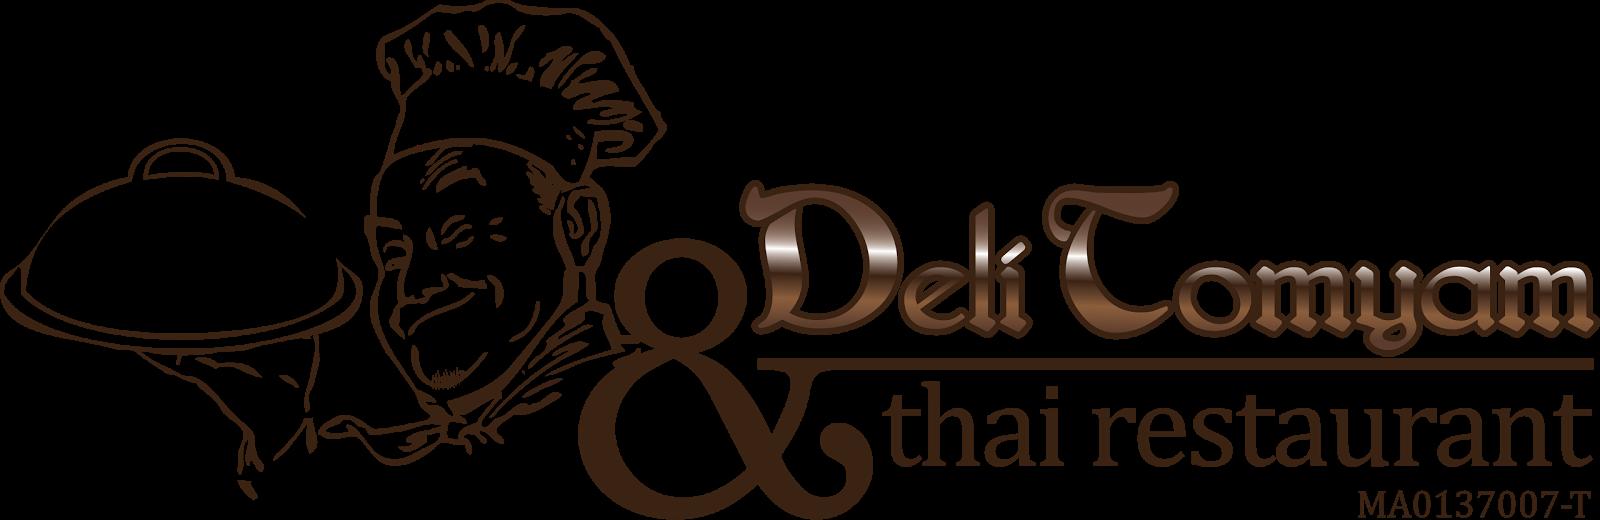 Letter Head for Dek Tomyam - Thai Restaurant. and Xpress Laundry.